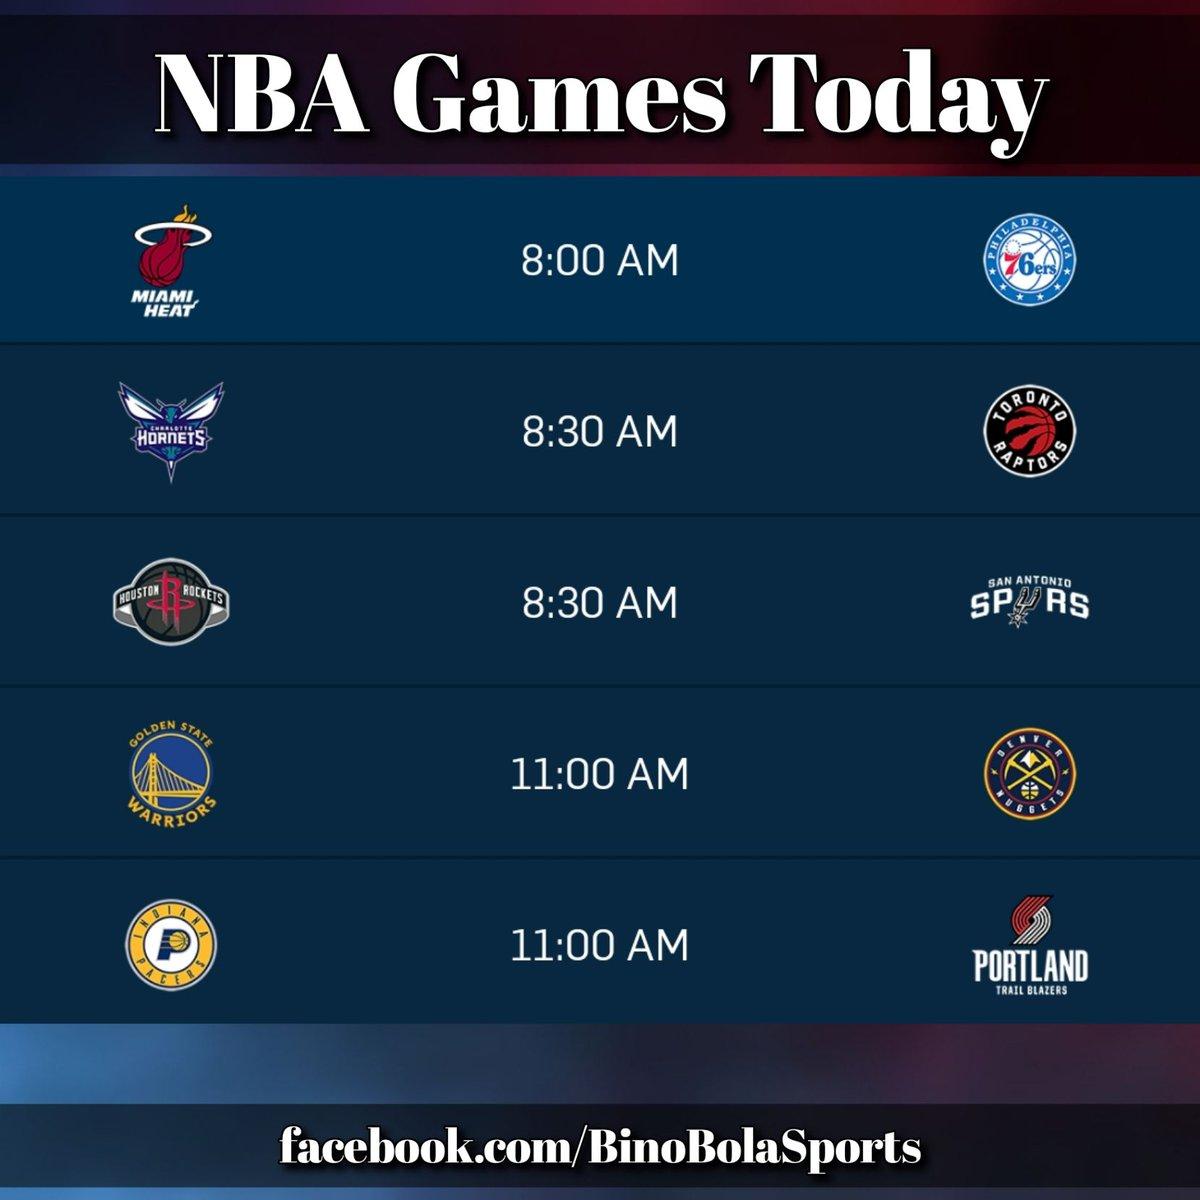 NBA games today! #RegularSeason #Day23 #BinoBolaSports #GamesSchedules